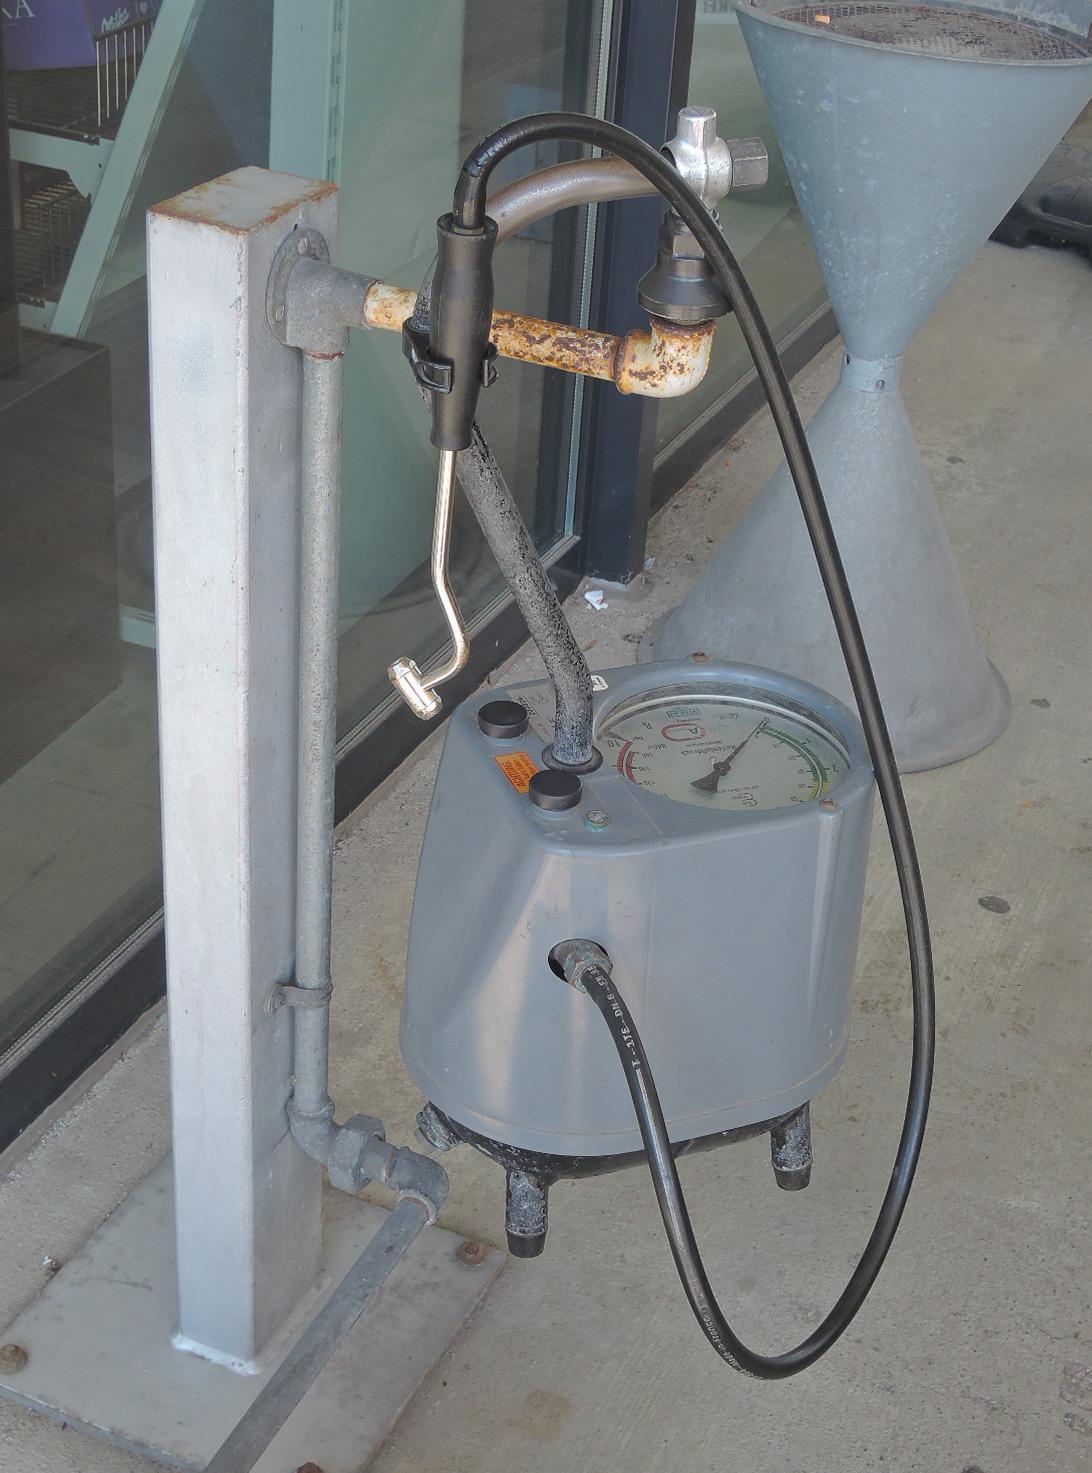 Ingenioso sistema para el aire comprimido, a encontrar en todas las gasolineras alemanas.